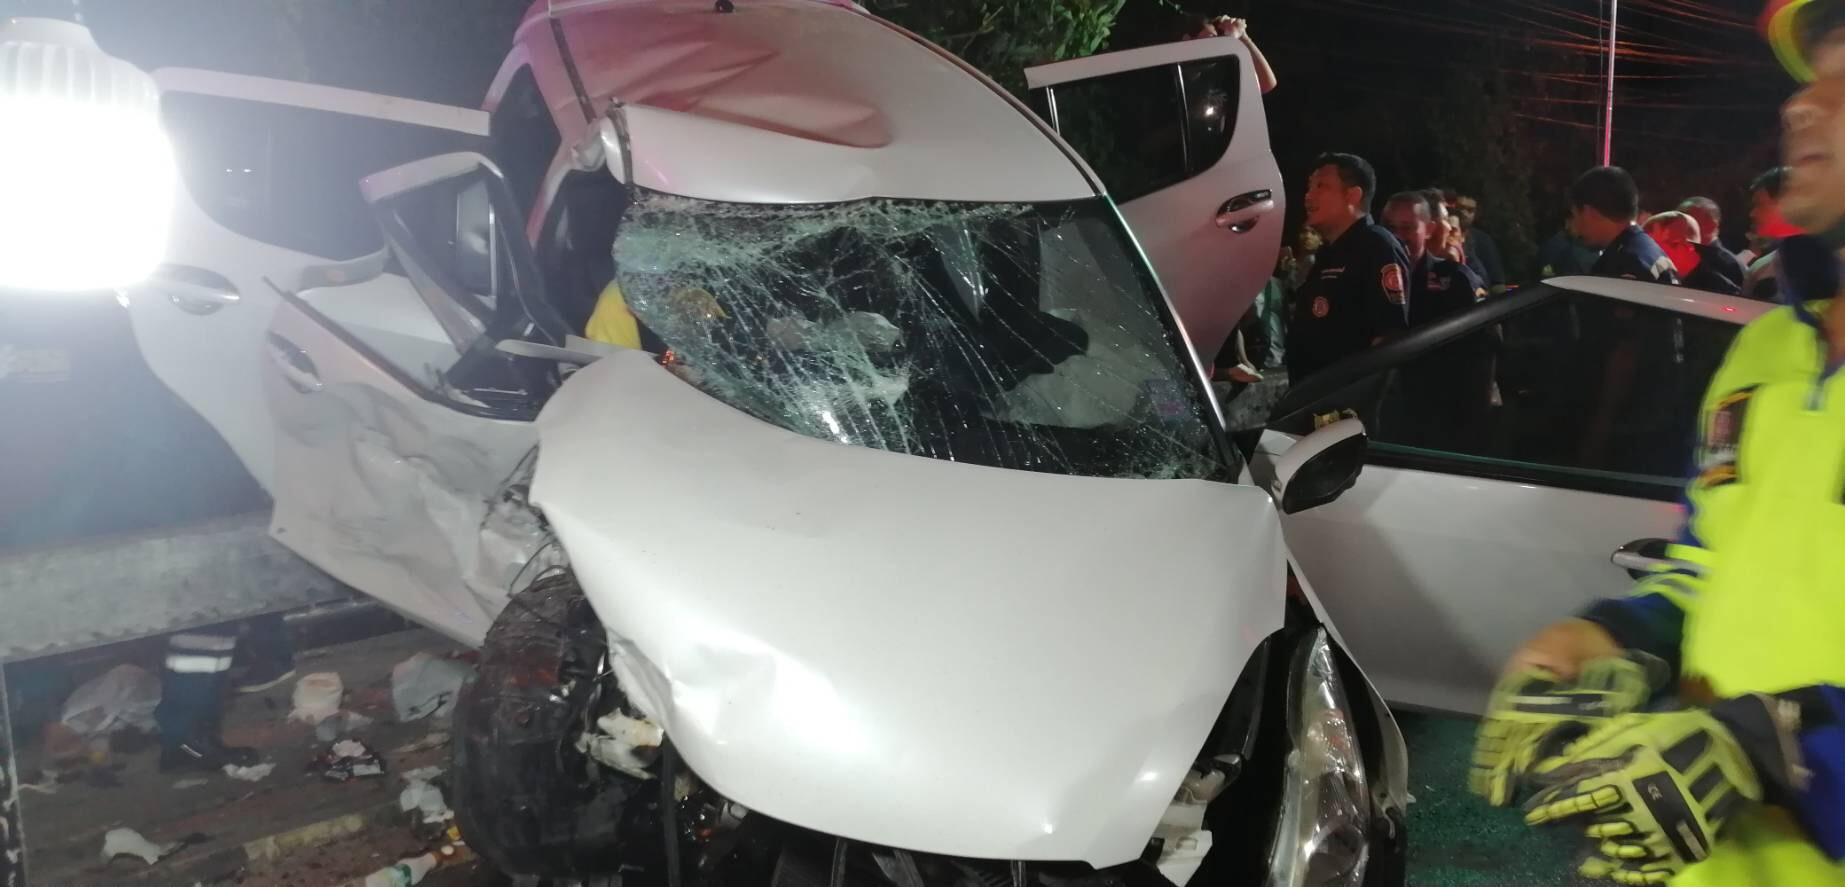 ข่าวสดวันนี้ ข่าวอุบัติเหตุ เมาแล้วขับ